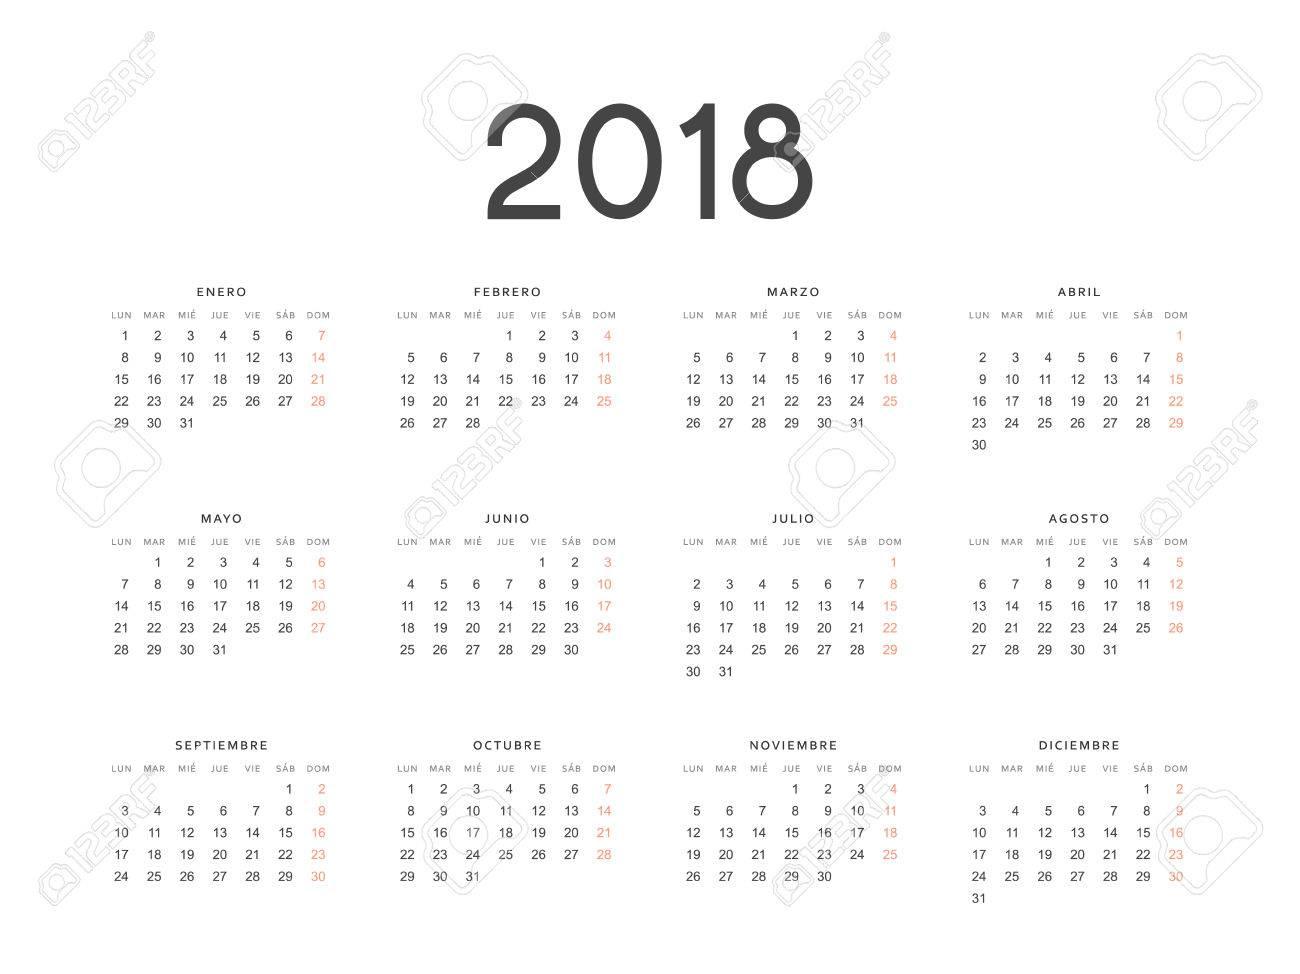 Calendario In Spagnolo.Modello Semplice Per La Stampa Del Calendario Moderno 2018 In Spagnolo La Settimana Inizia Da Lunedi